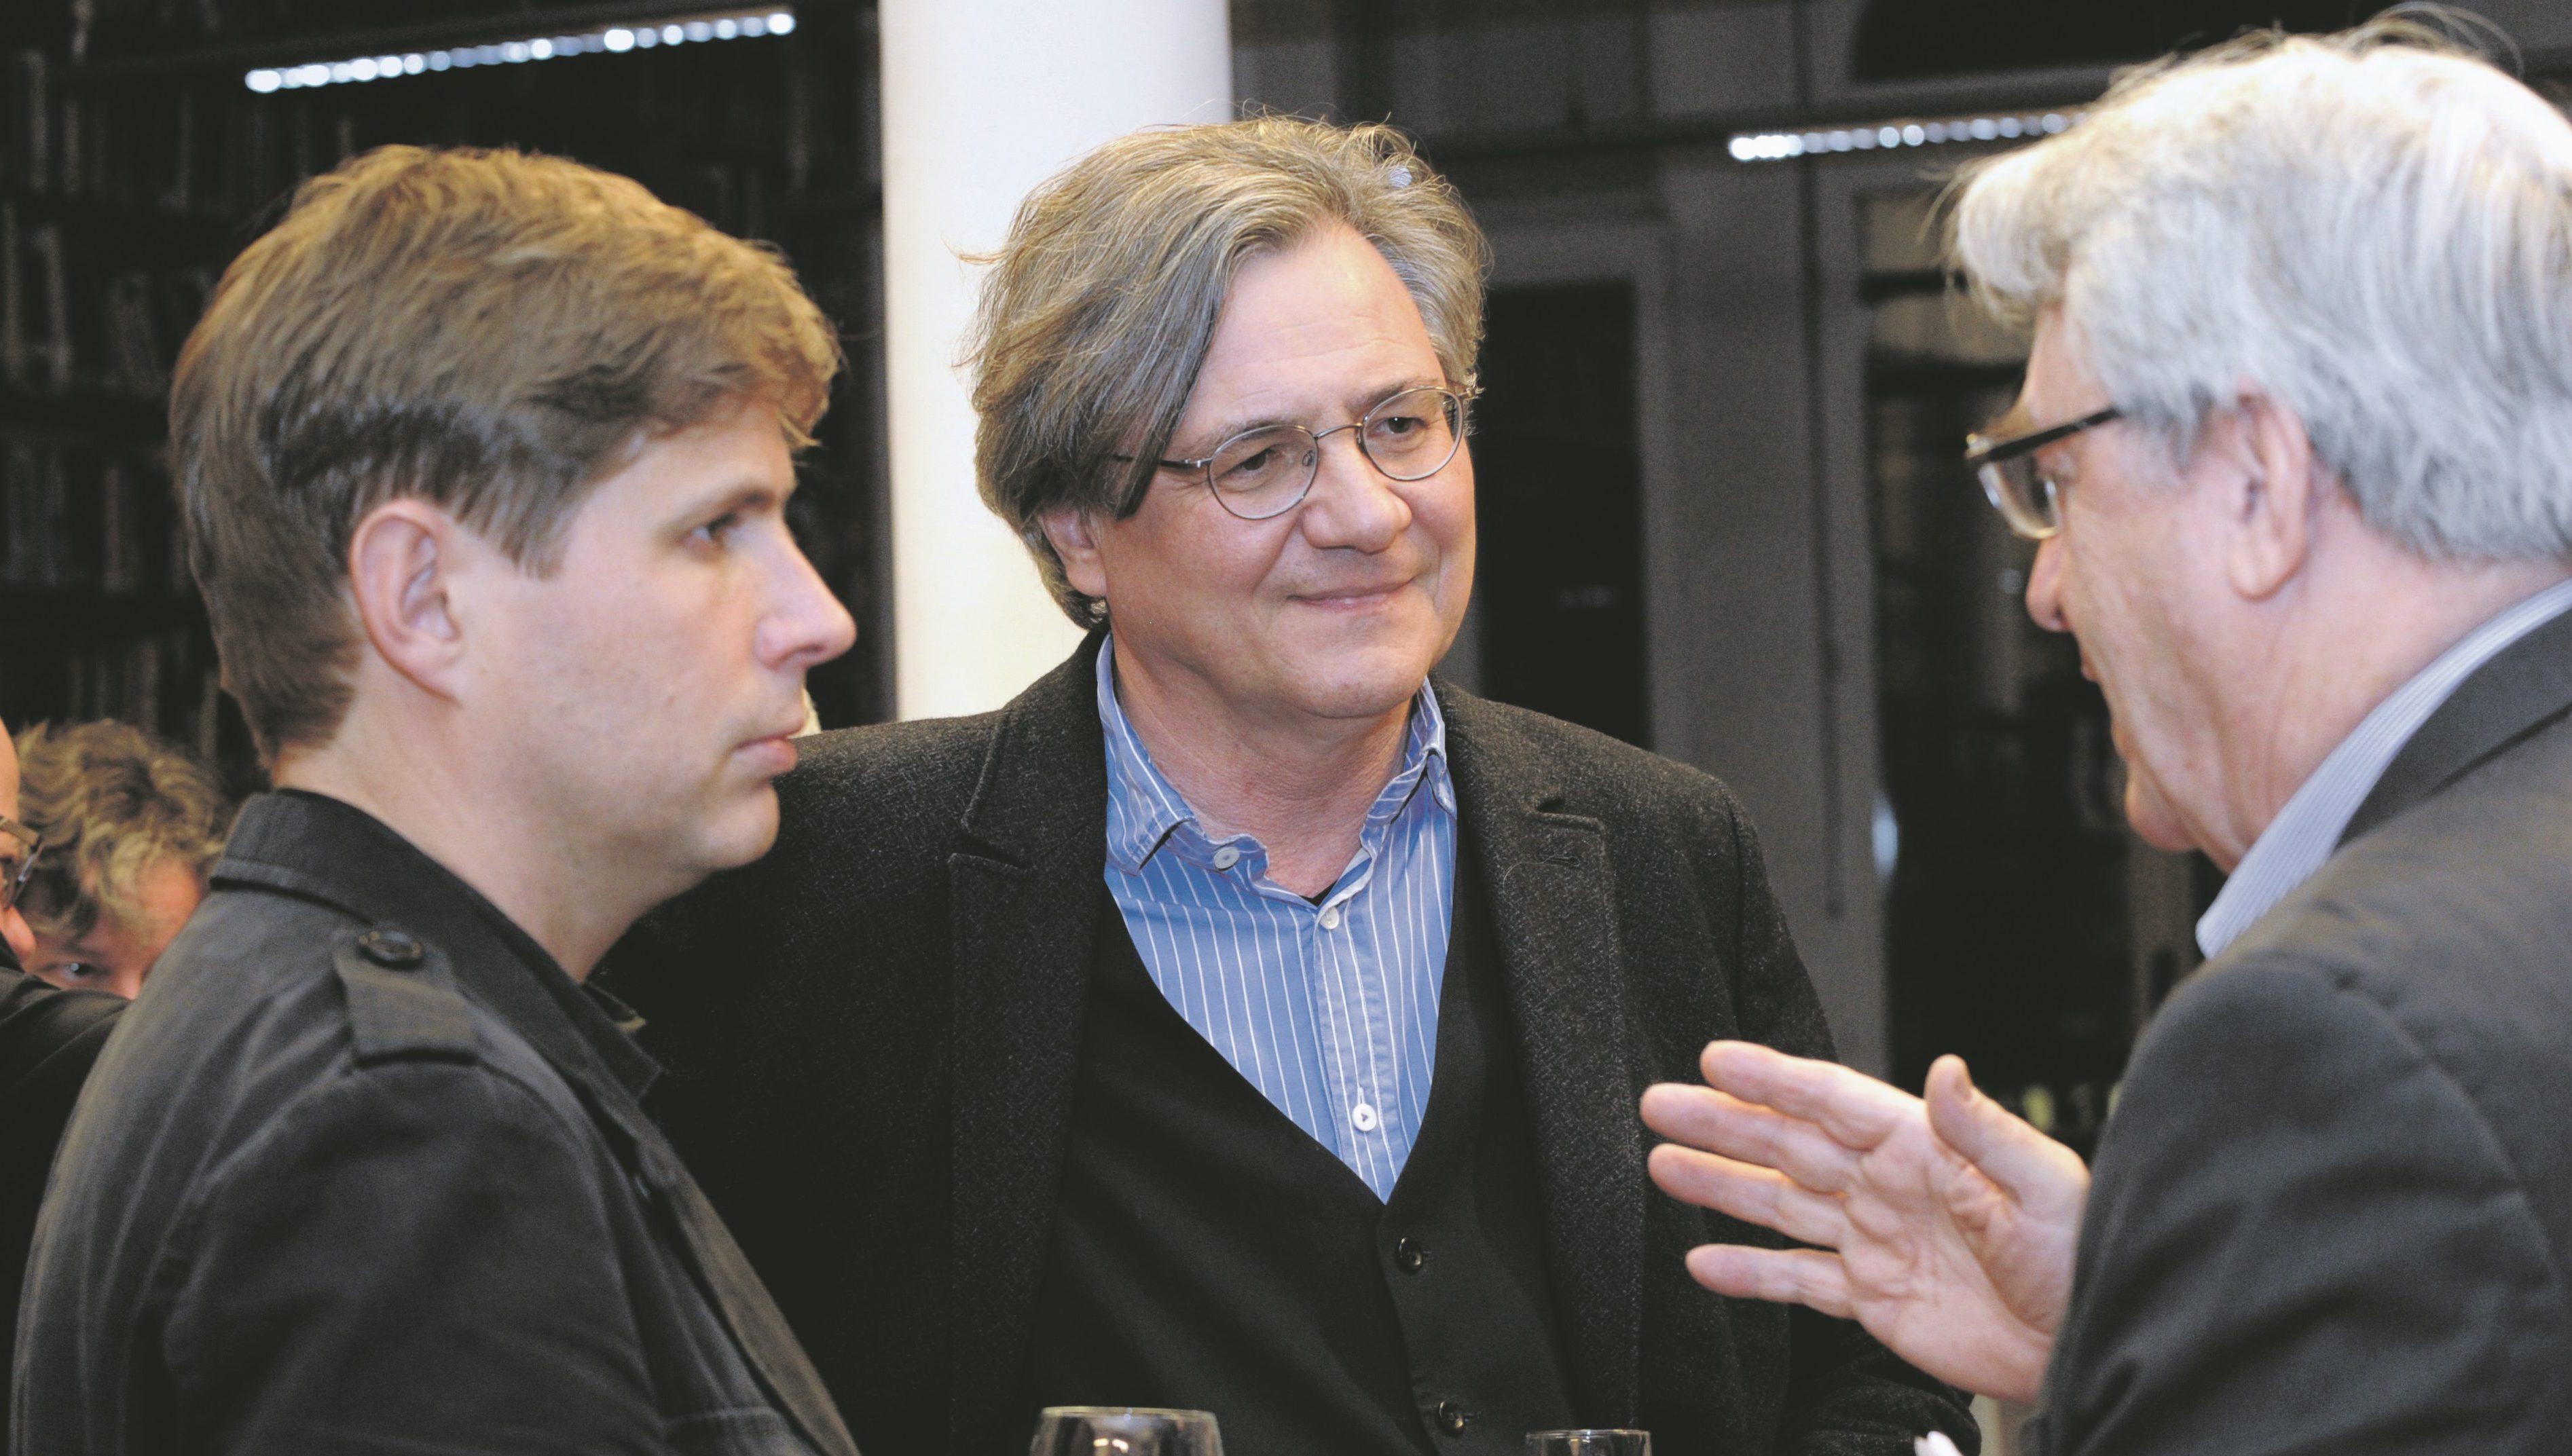 Daniel Kehlmann und Michael Maar in einer Diskussion mit dem Leiter des DAI Bild: F. Hentschel